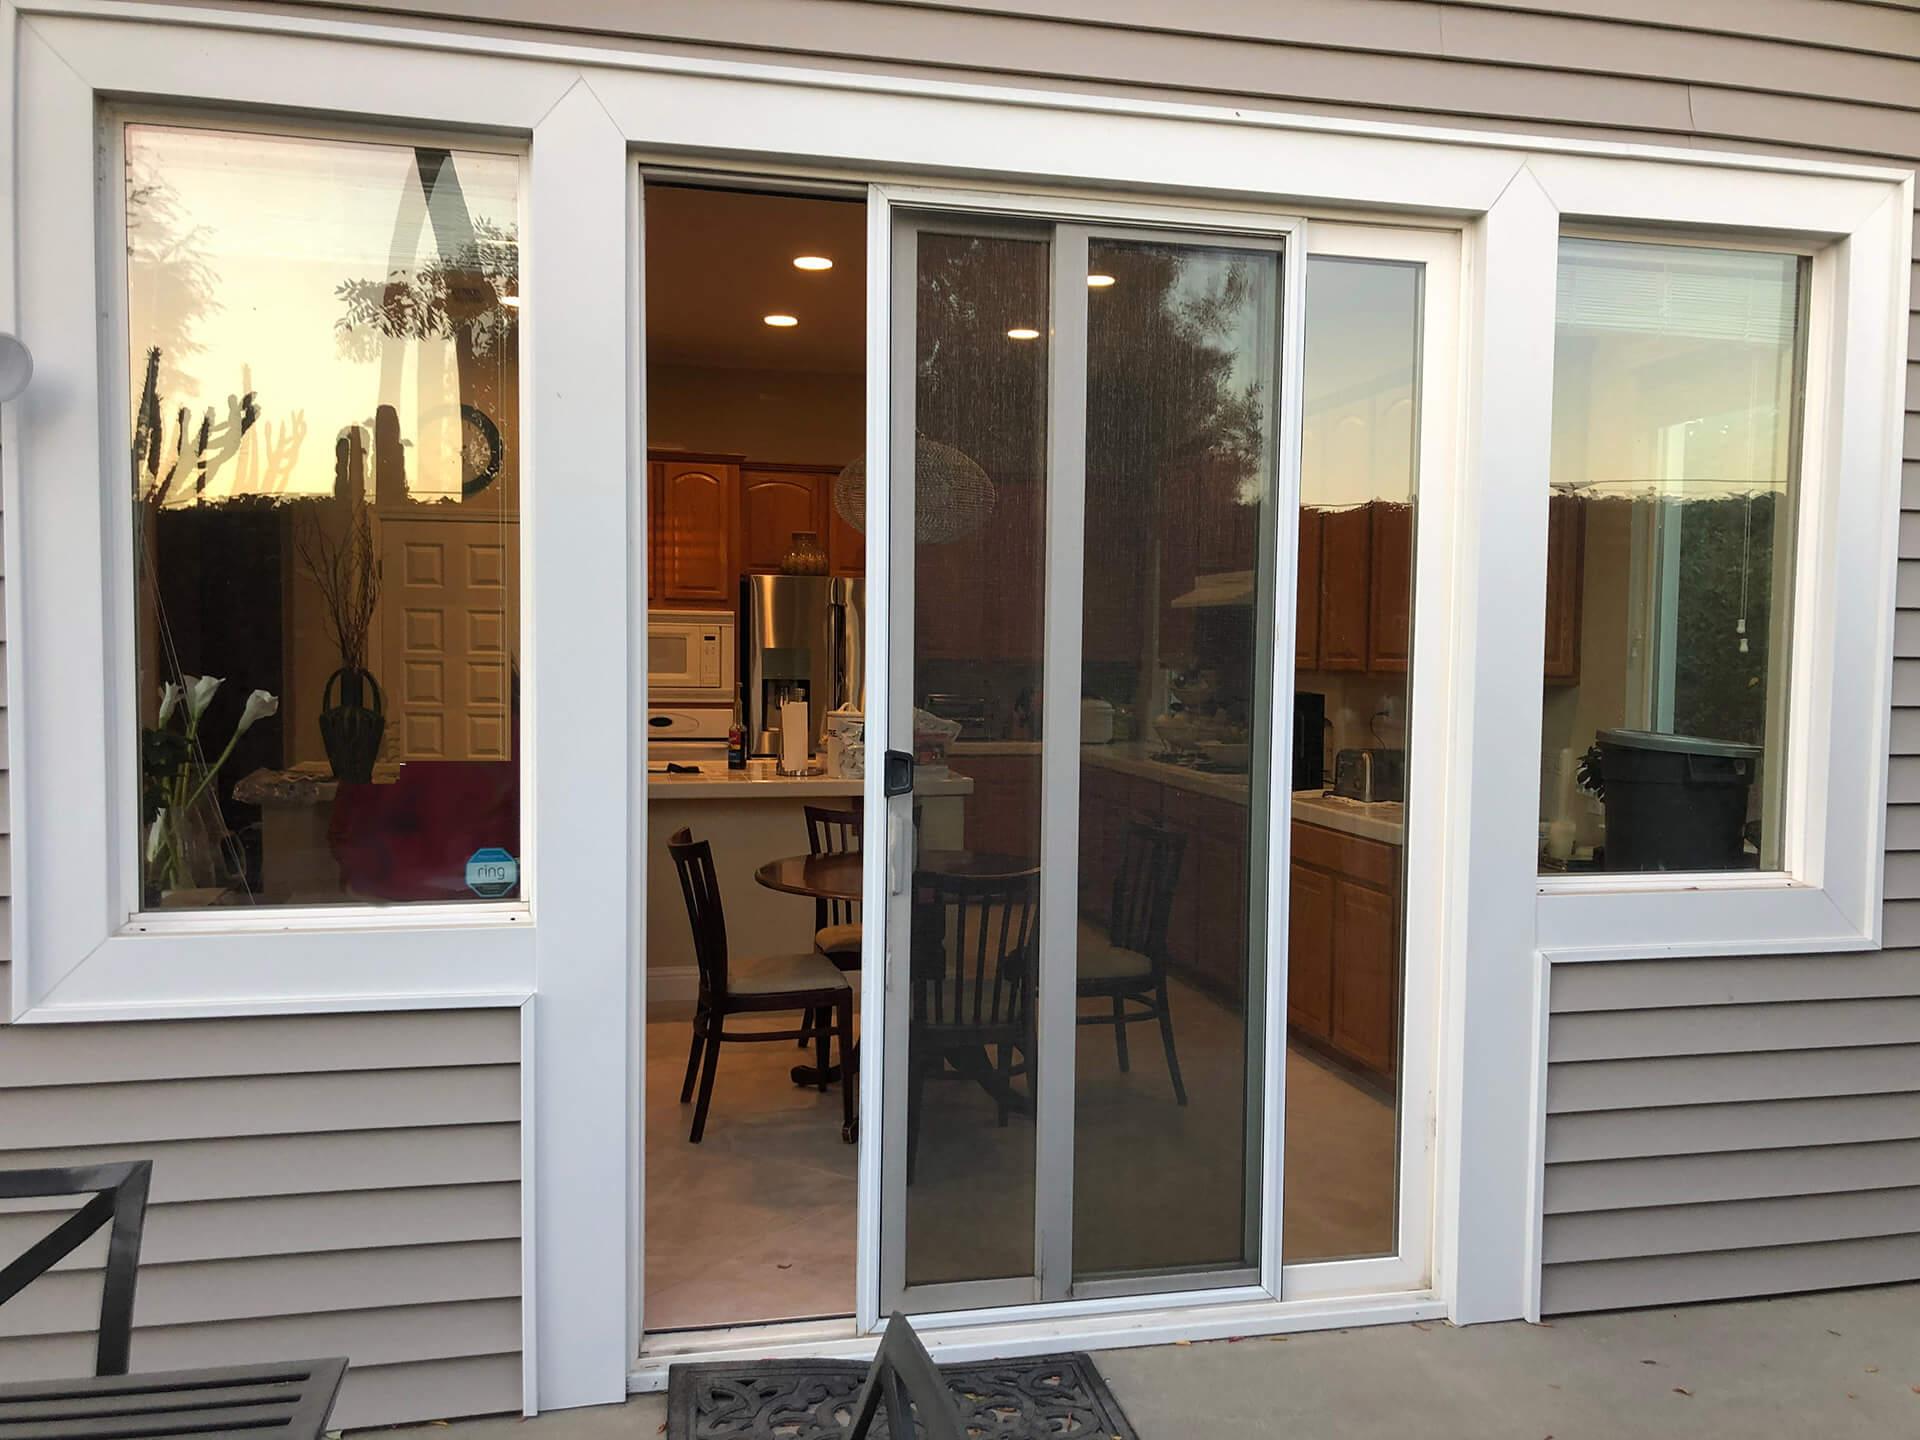 www.amazon.com/Magnetic-Screen-Door-Retractable-Magnets/dp/B01ESSA9VO/